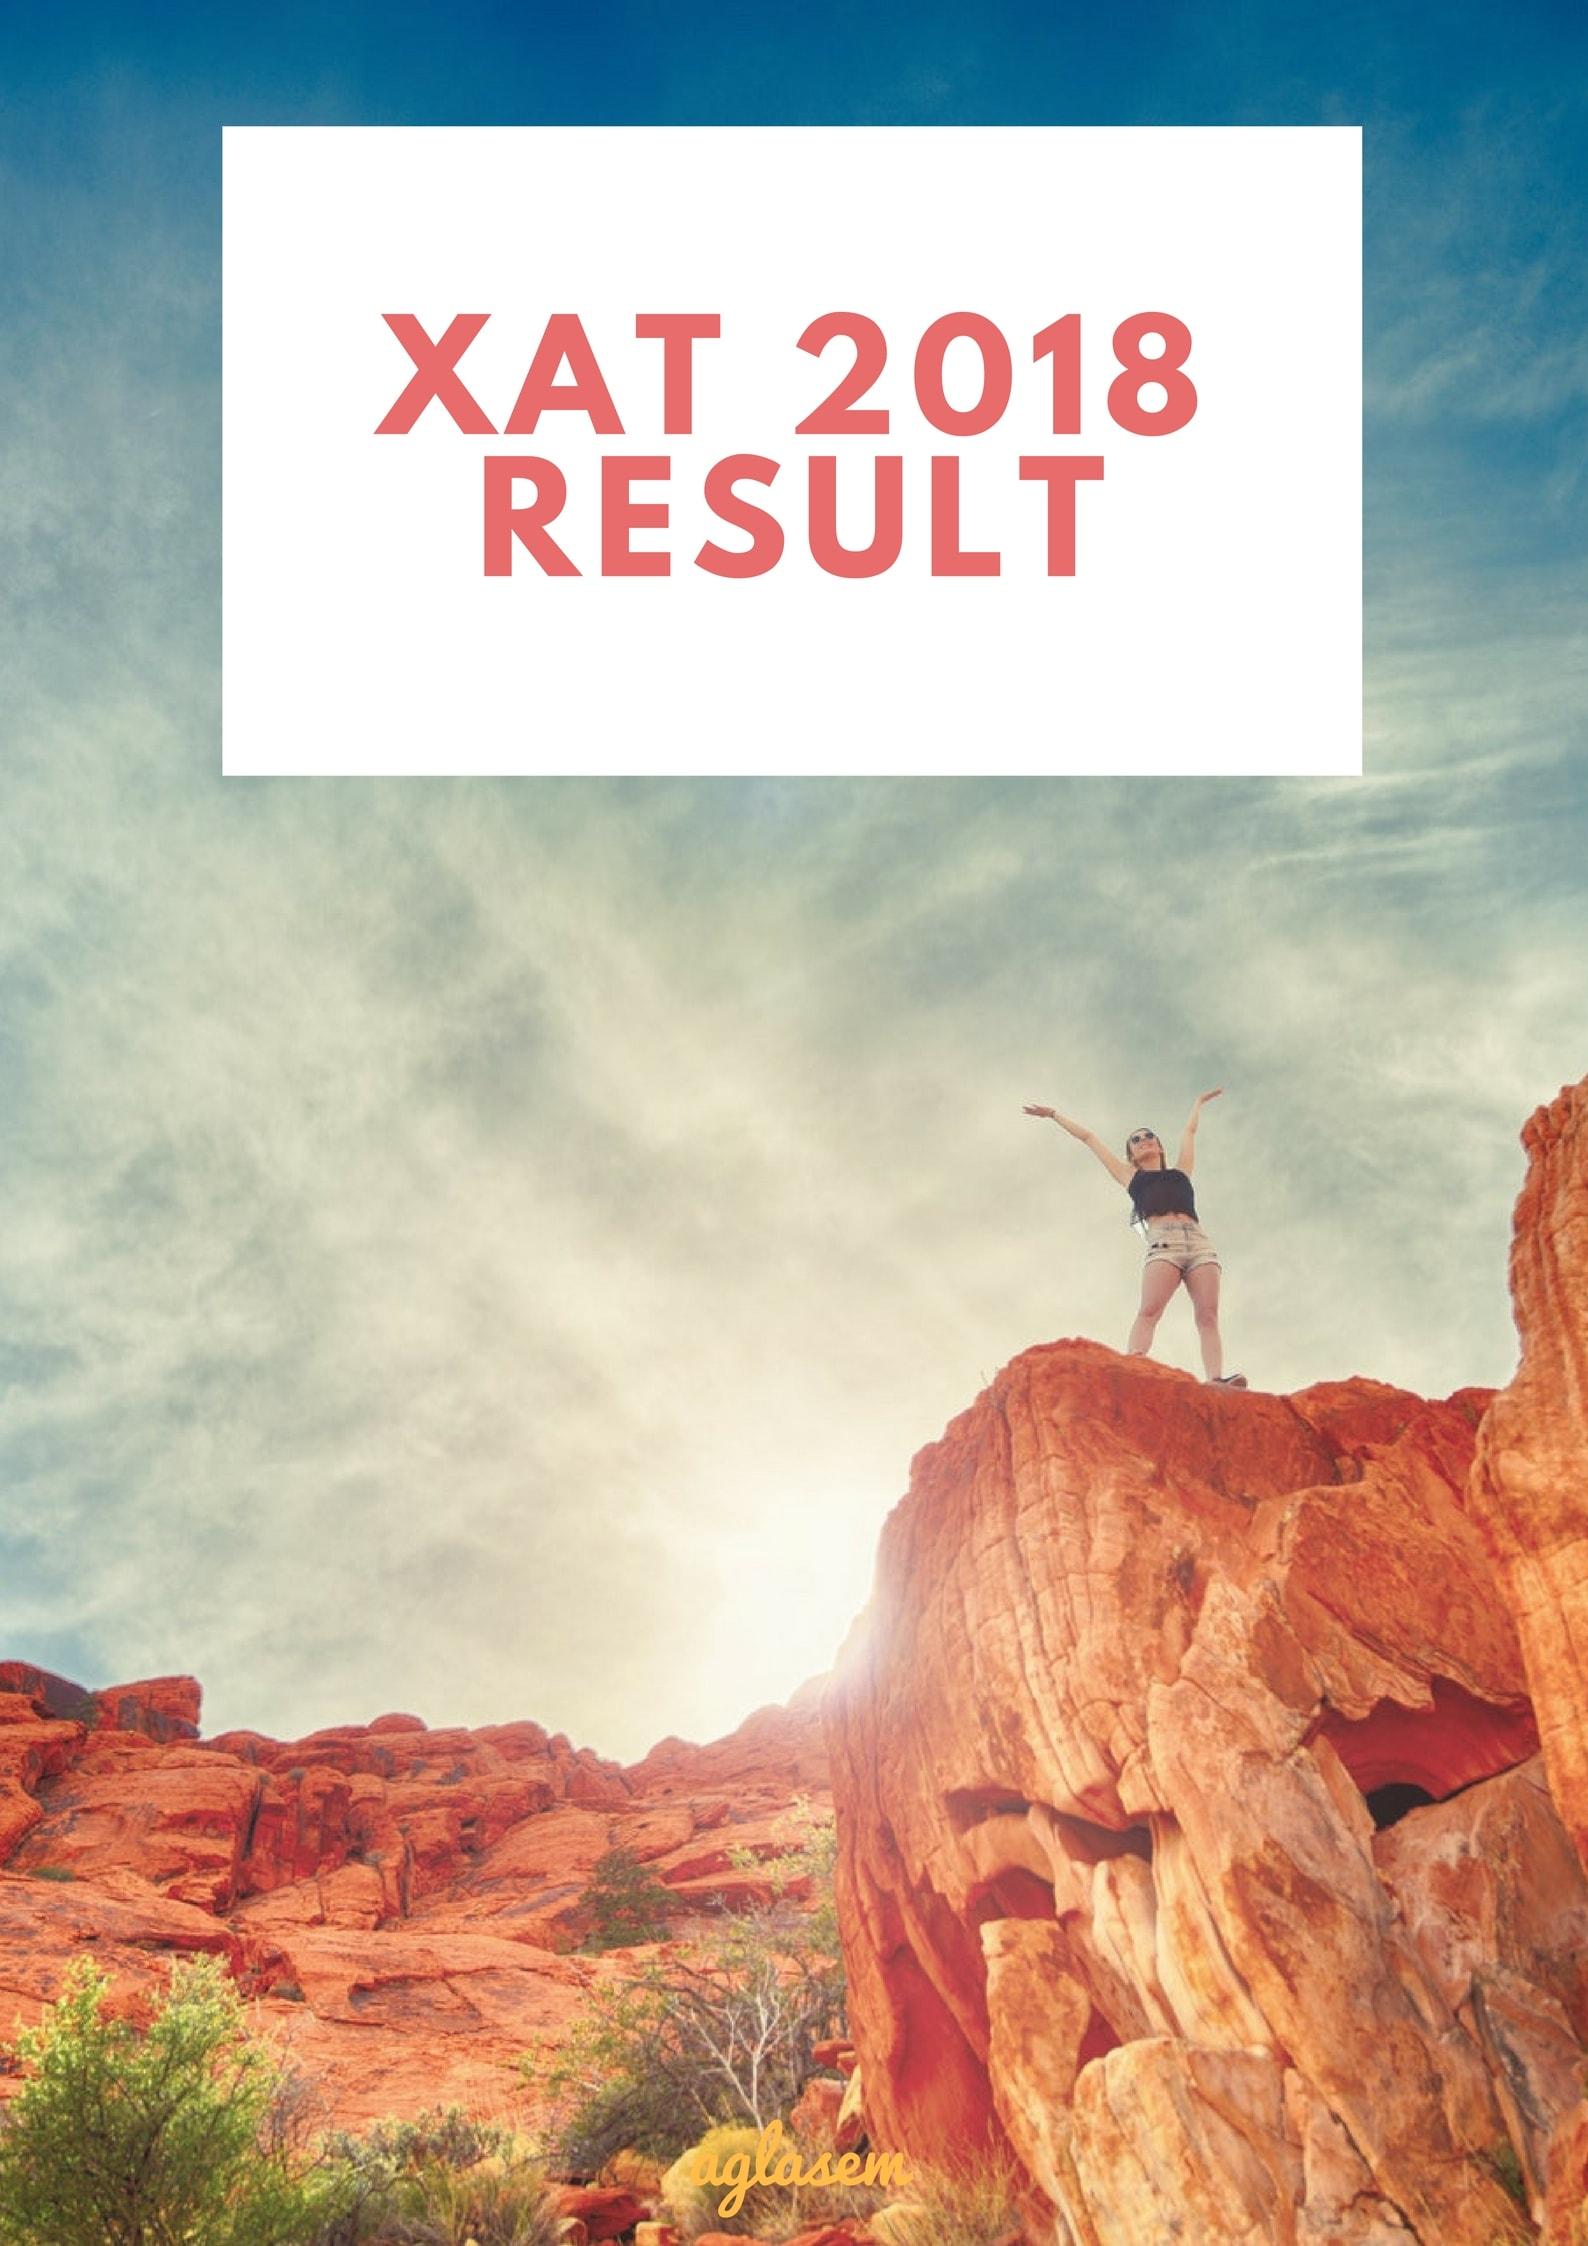 XAT 2018 Result